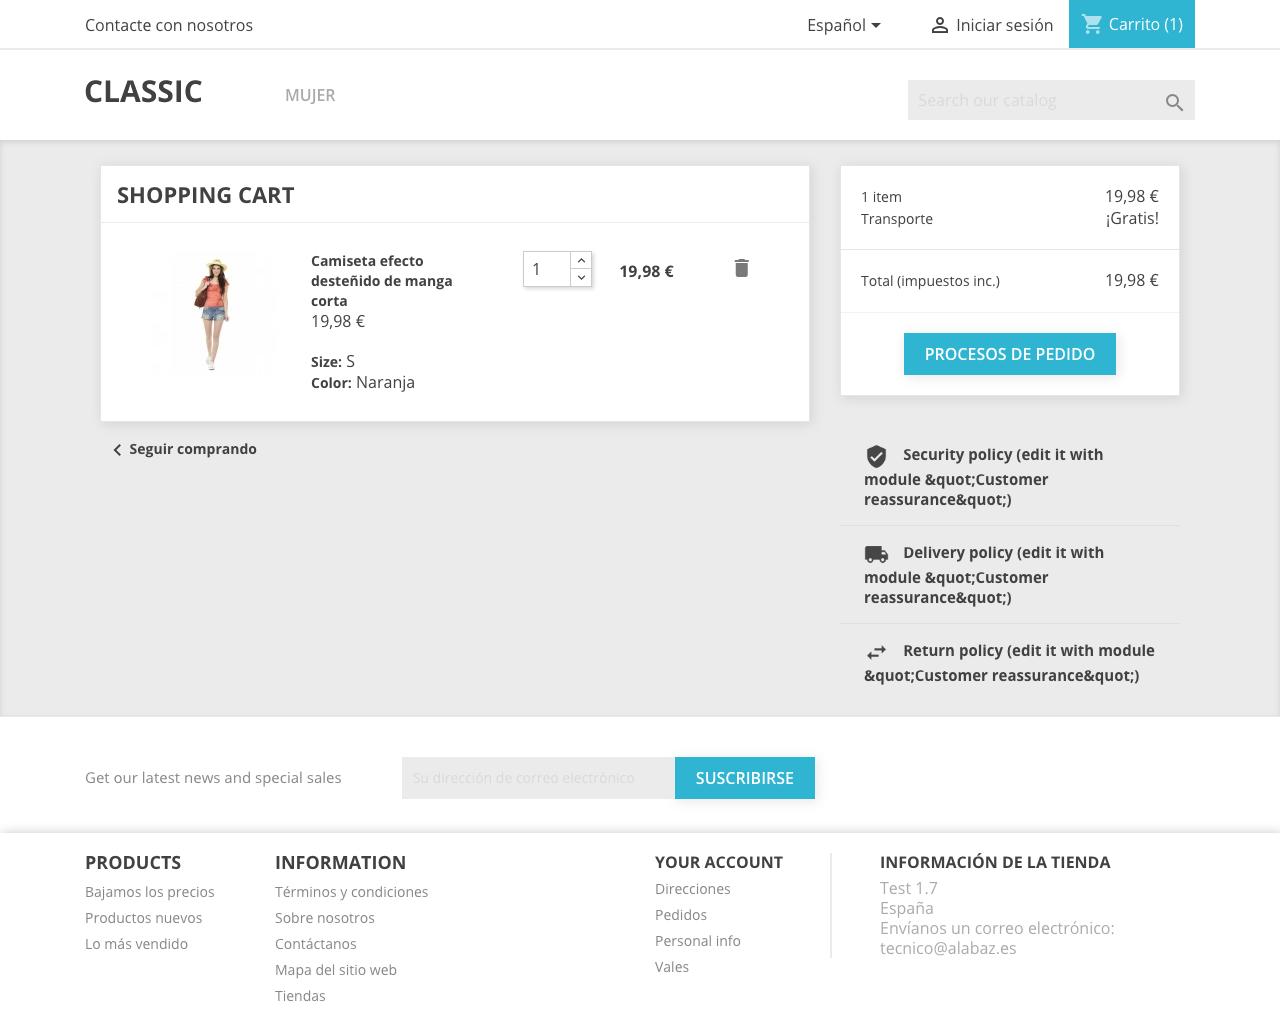 El proceso de pago se simplifica en PrestaShop 1.7